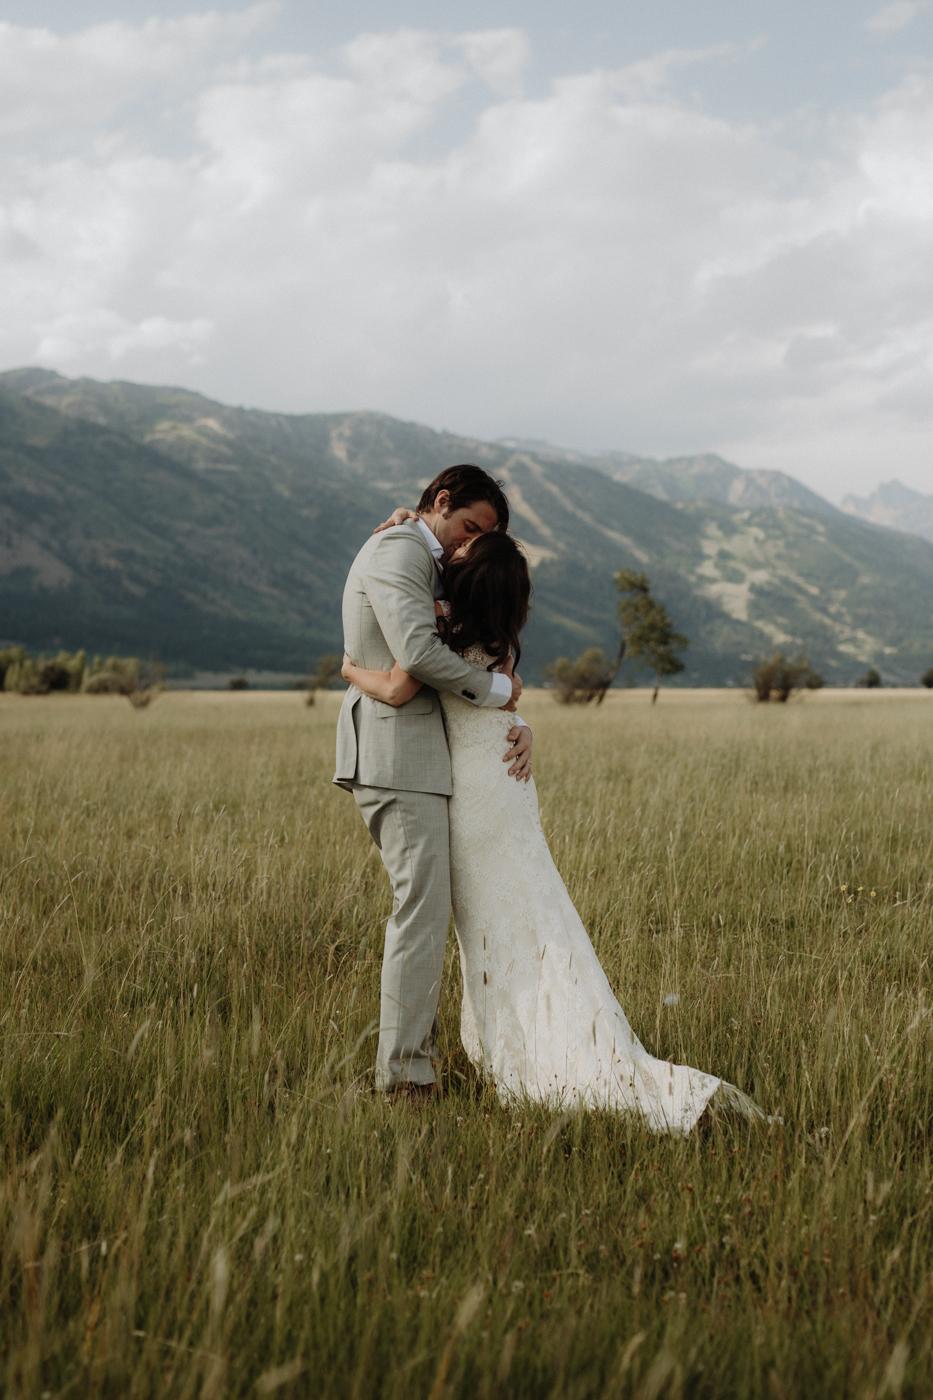 jackson-hole-wyoming-wedding-photographer-2.jpg